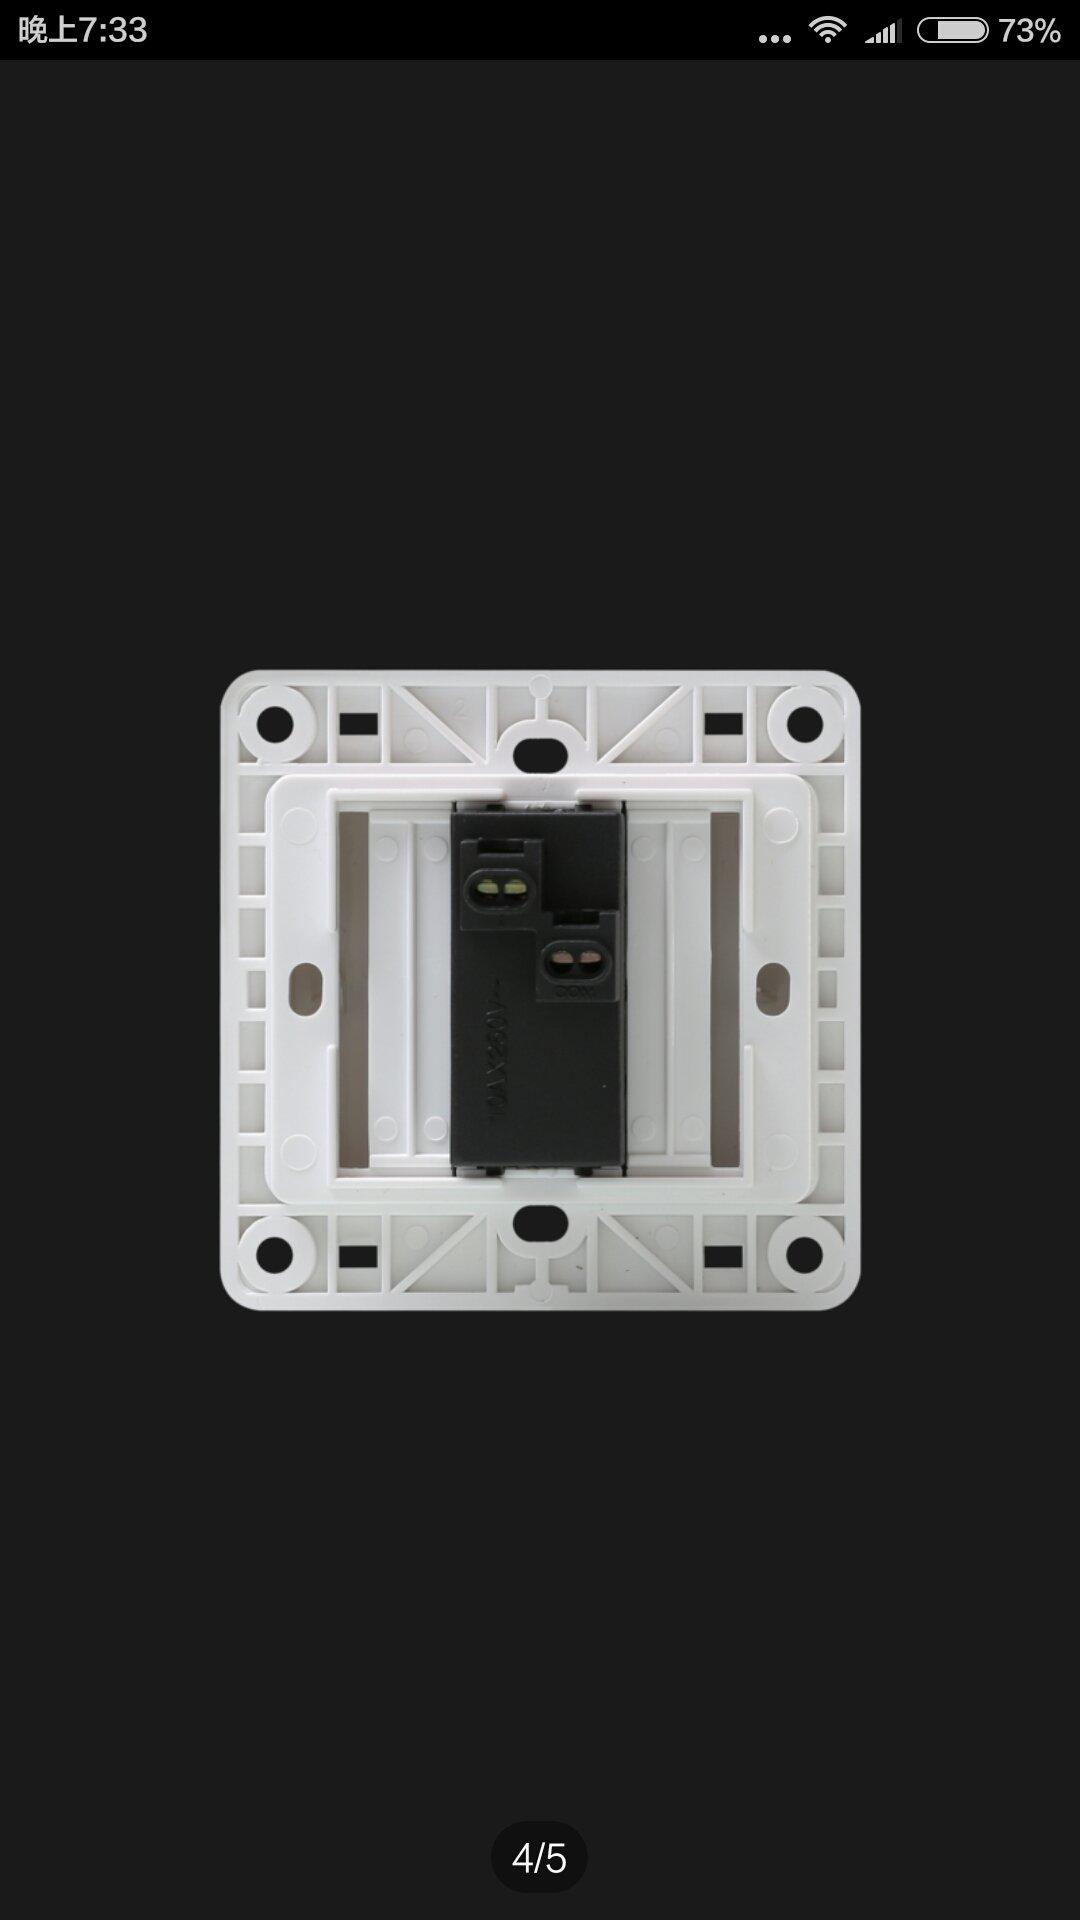 西门子开关面板正品远景系列雅白色一开单控带荧光